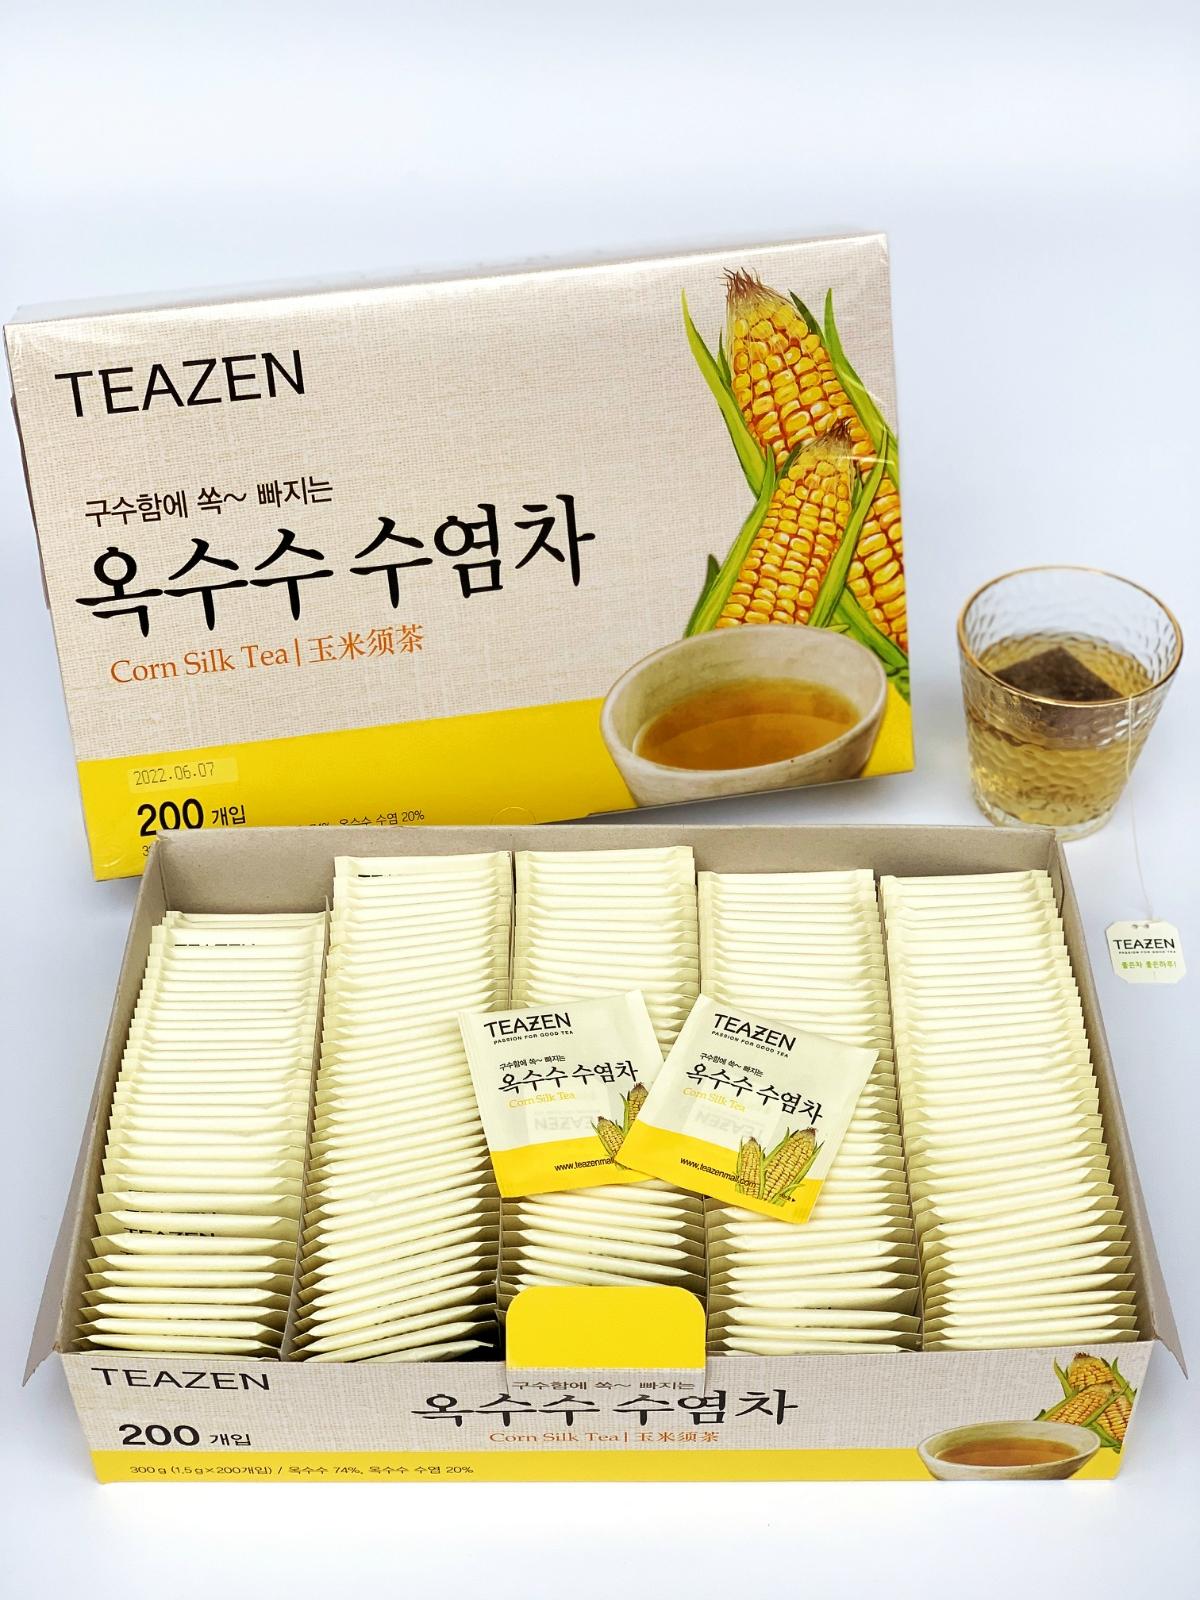 TEAZEN韩国茶玉米须茶 花草茶孕妇可饮 消水肿袋泡茶 200茶包袋装